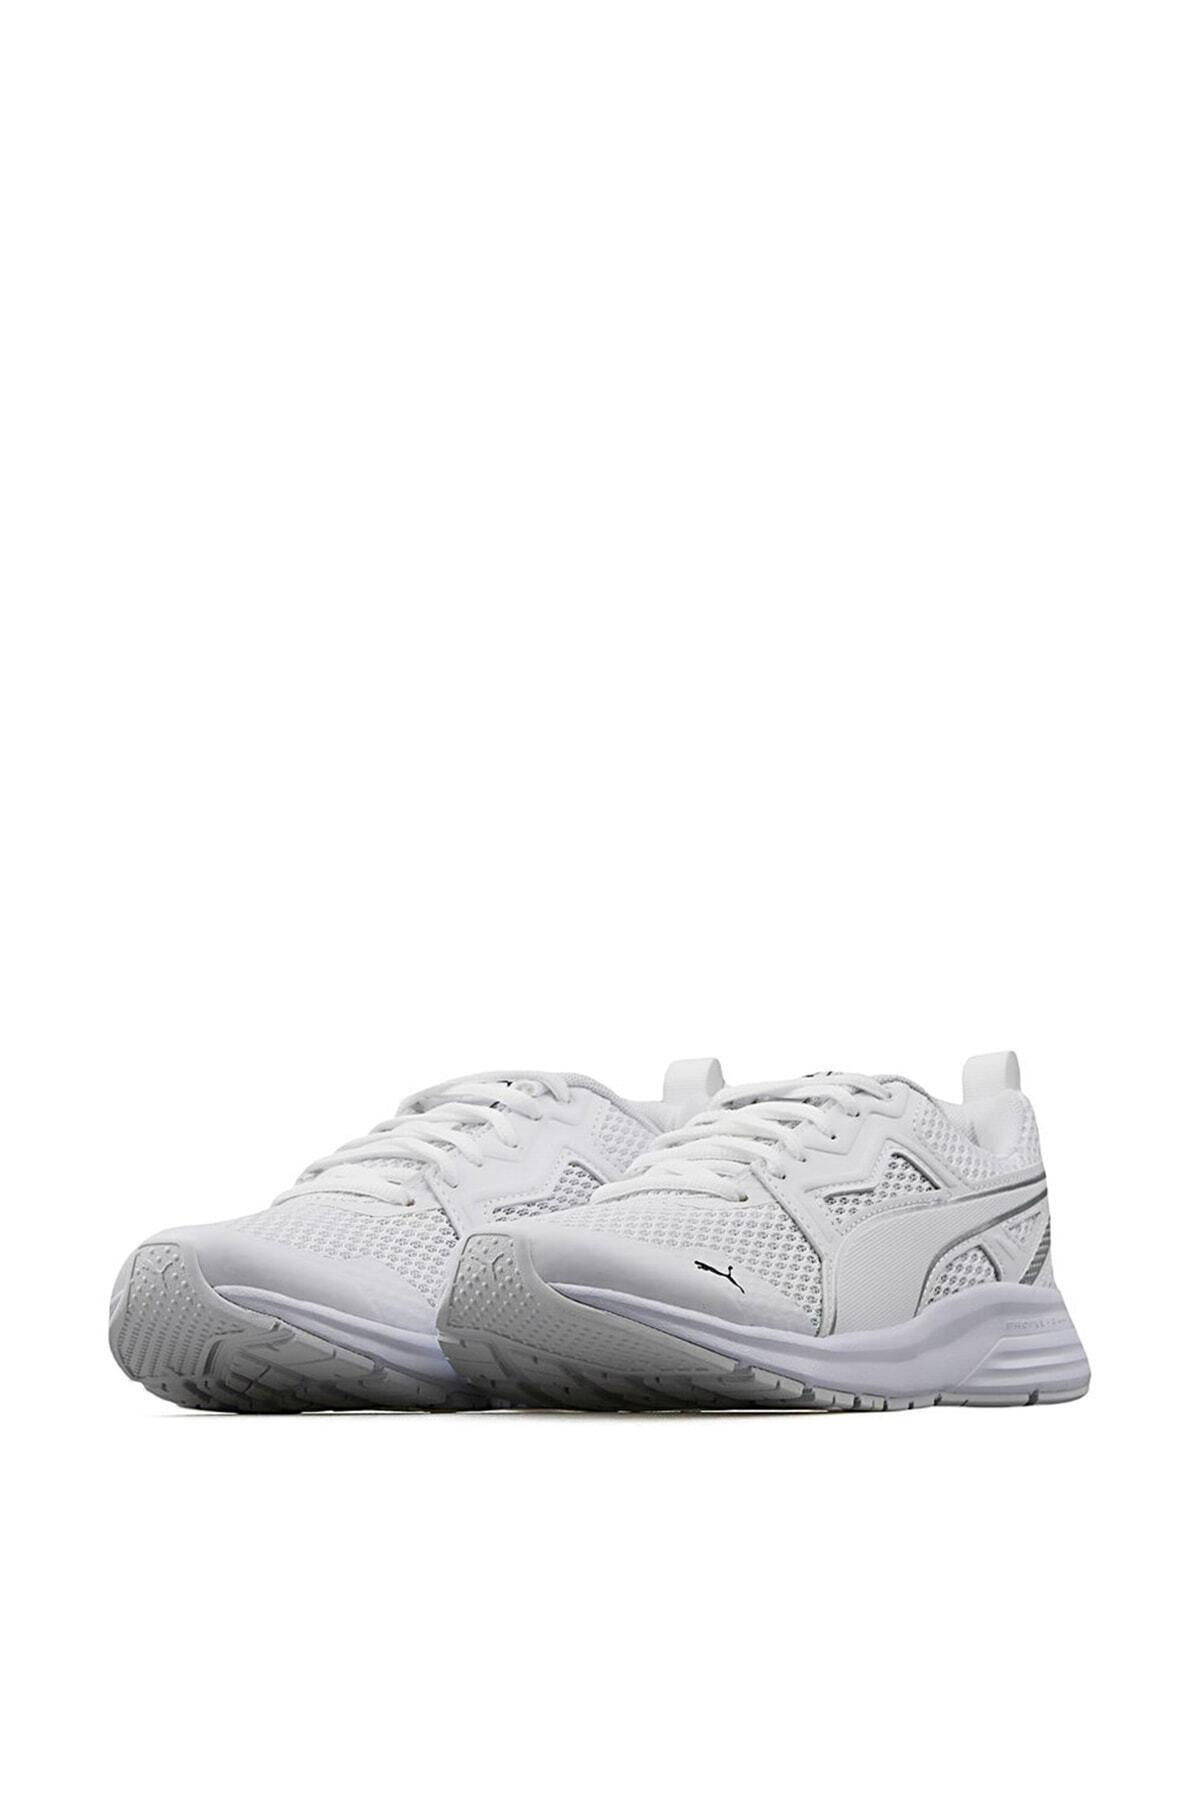 Puma Pure Jogger Jr Kadın Günlük Spor Ayakkabı 370575 02 2